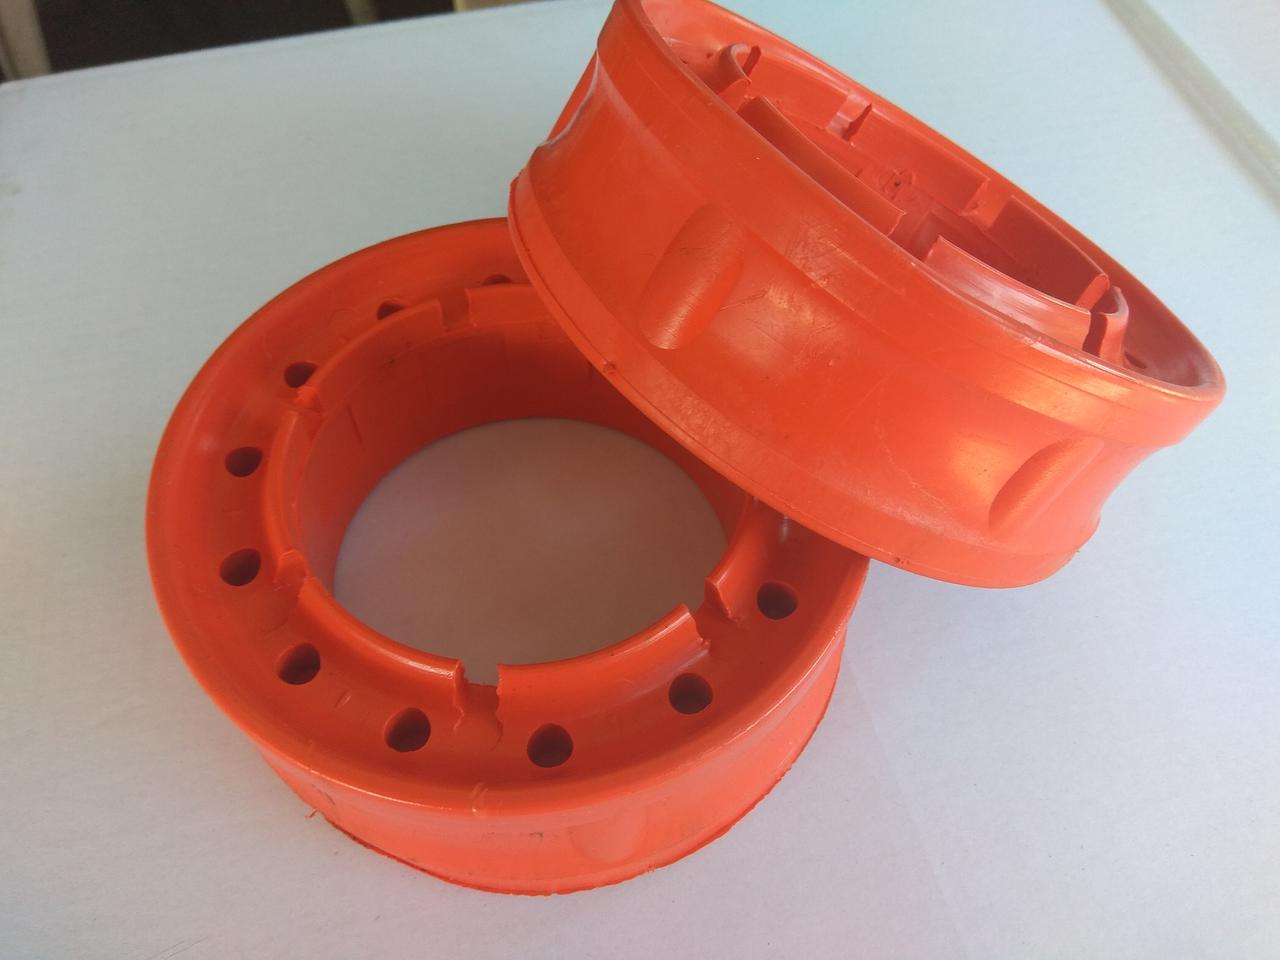 Усилители пружин межвитковые Полиэдр полиуритан 45 мм